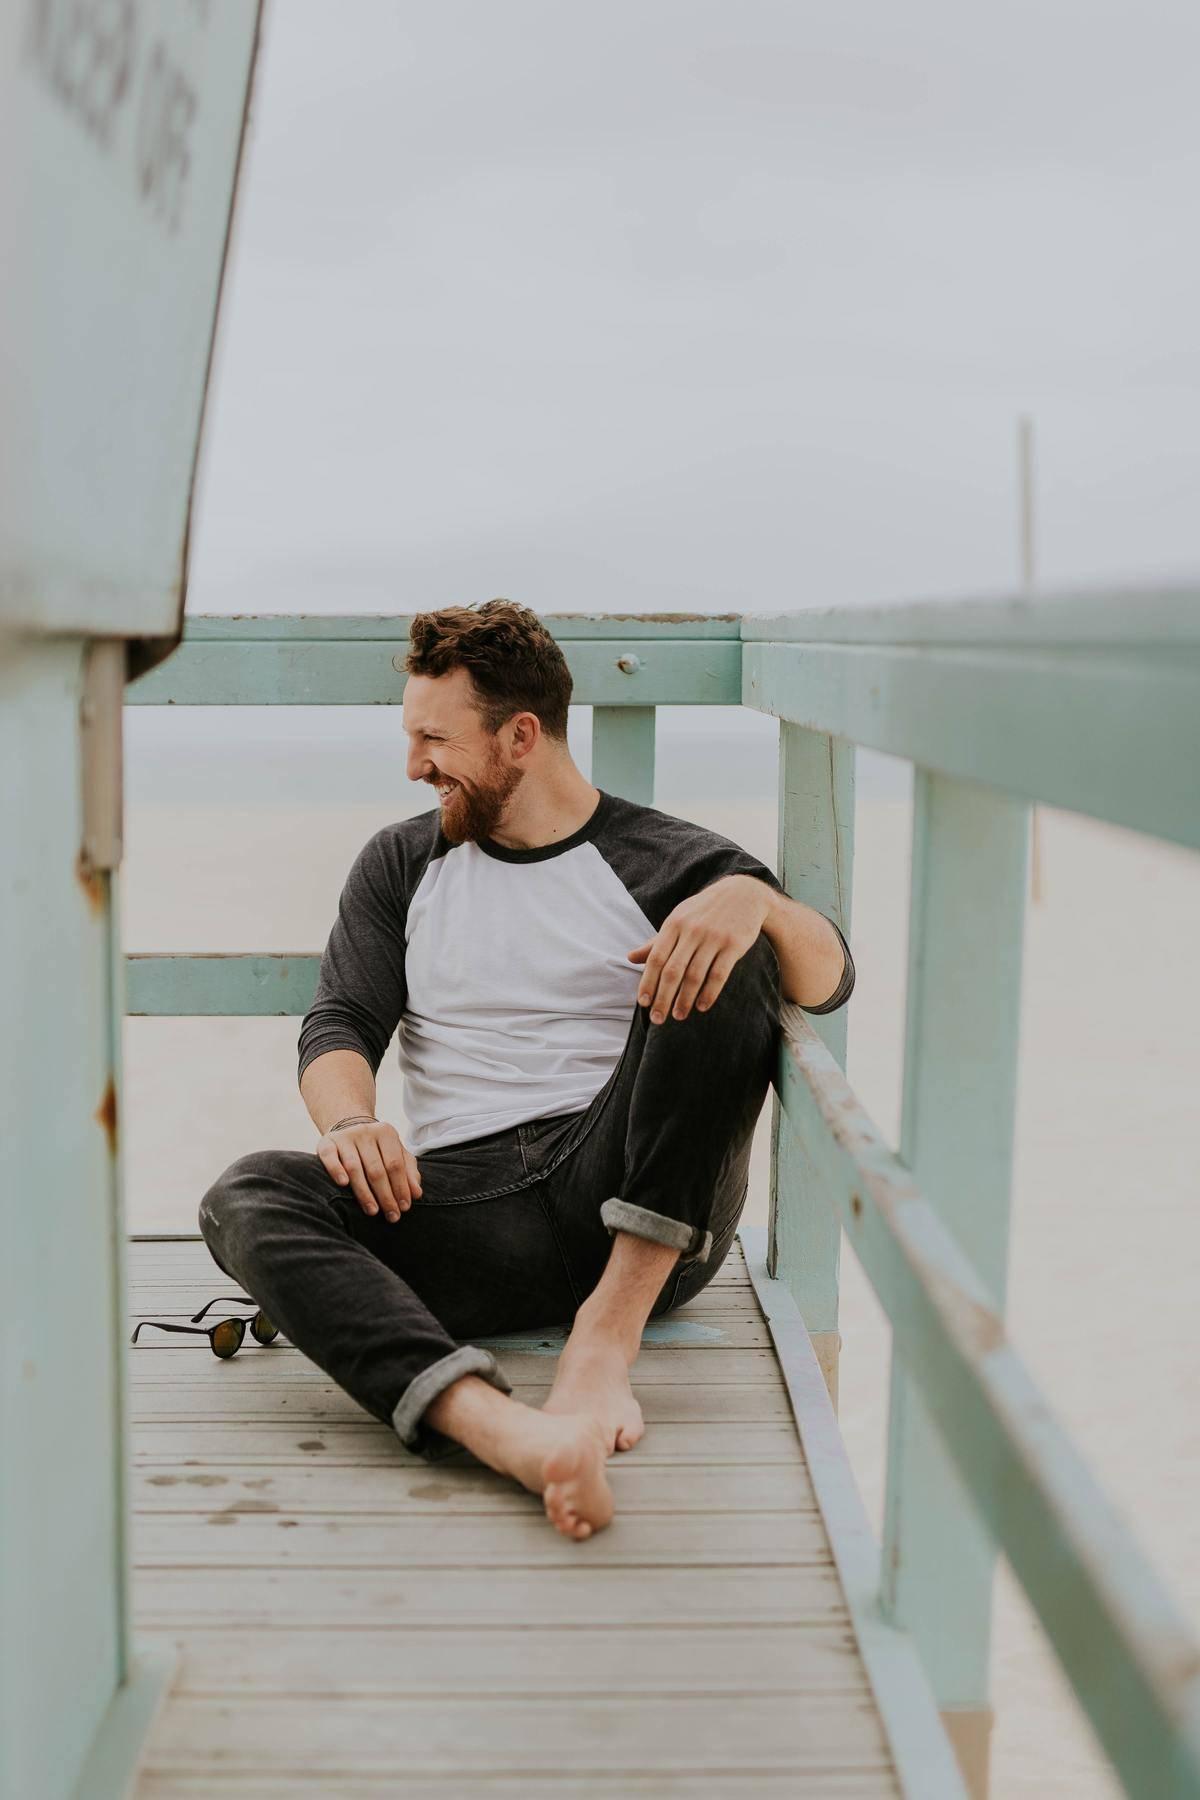 man sitting on dock smiling